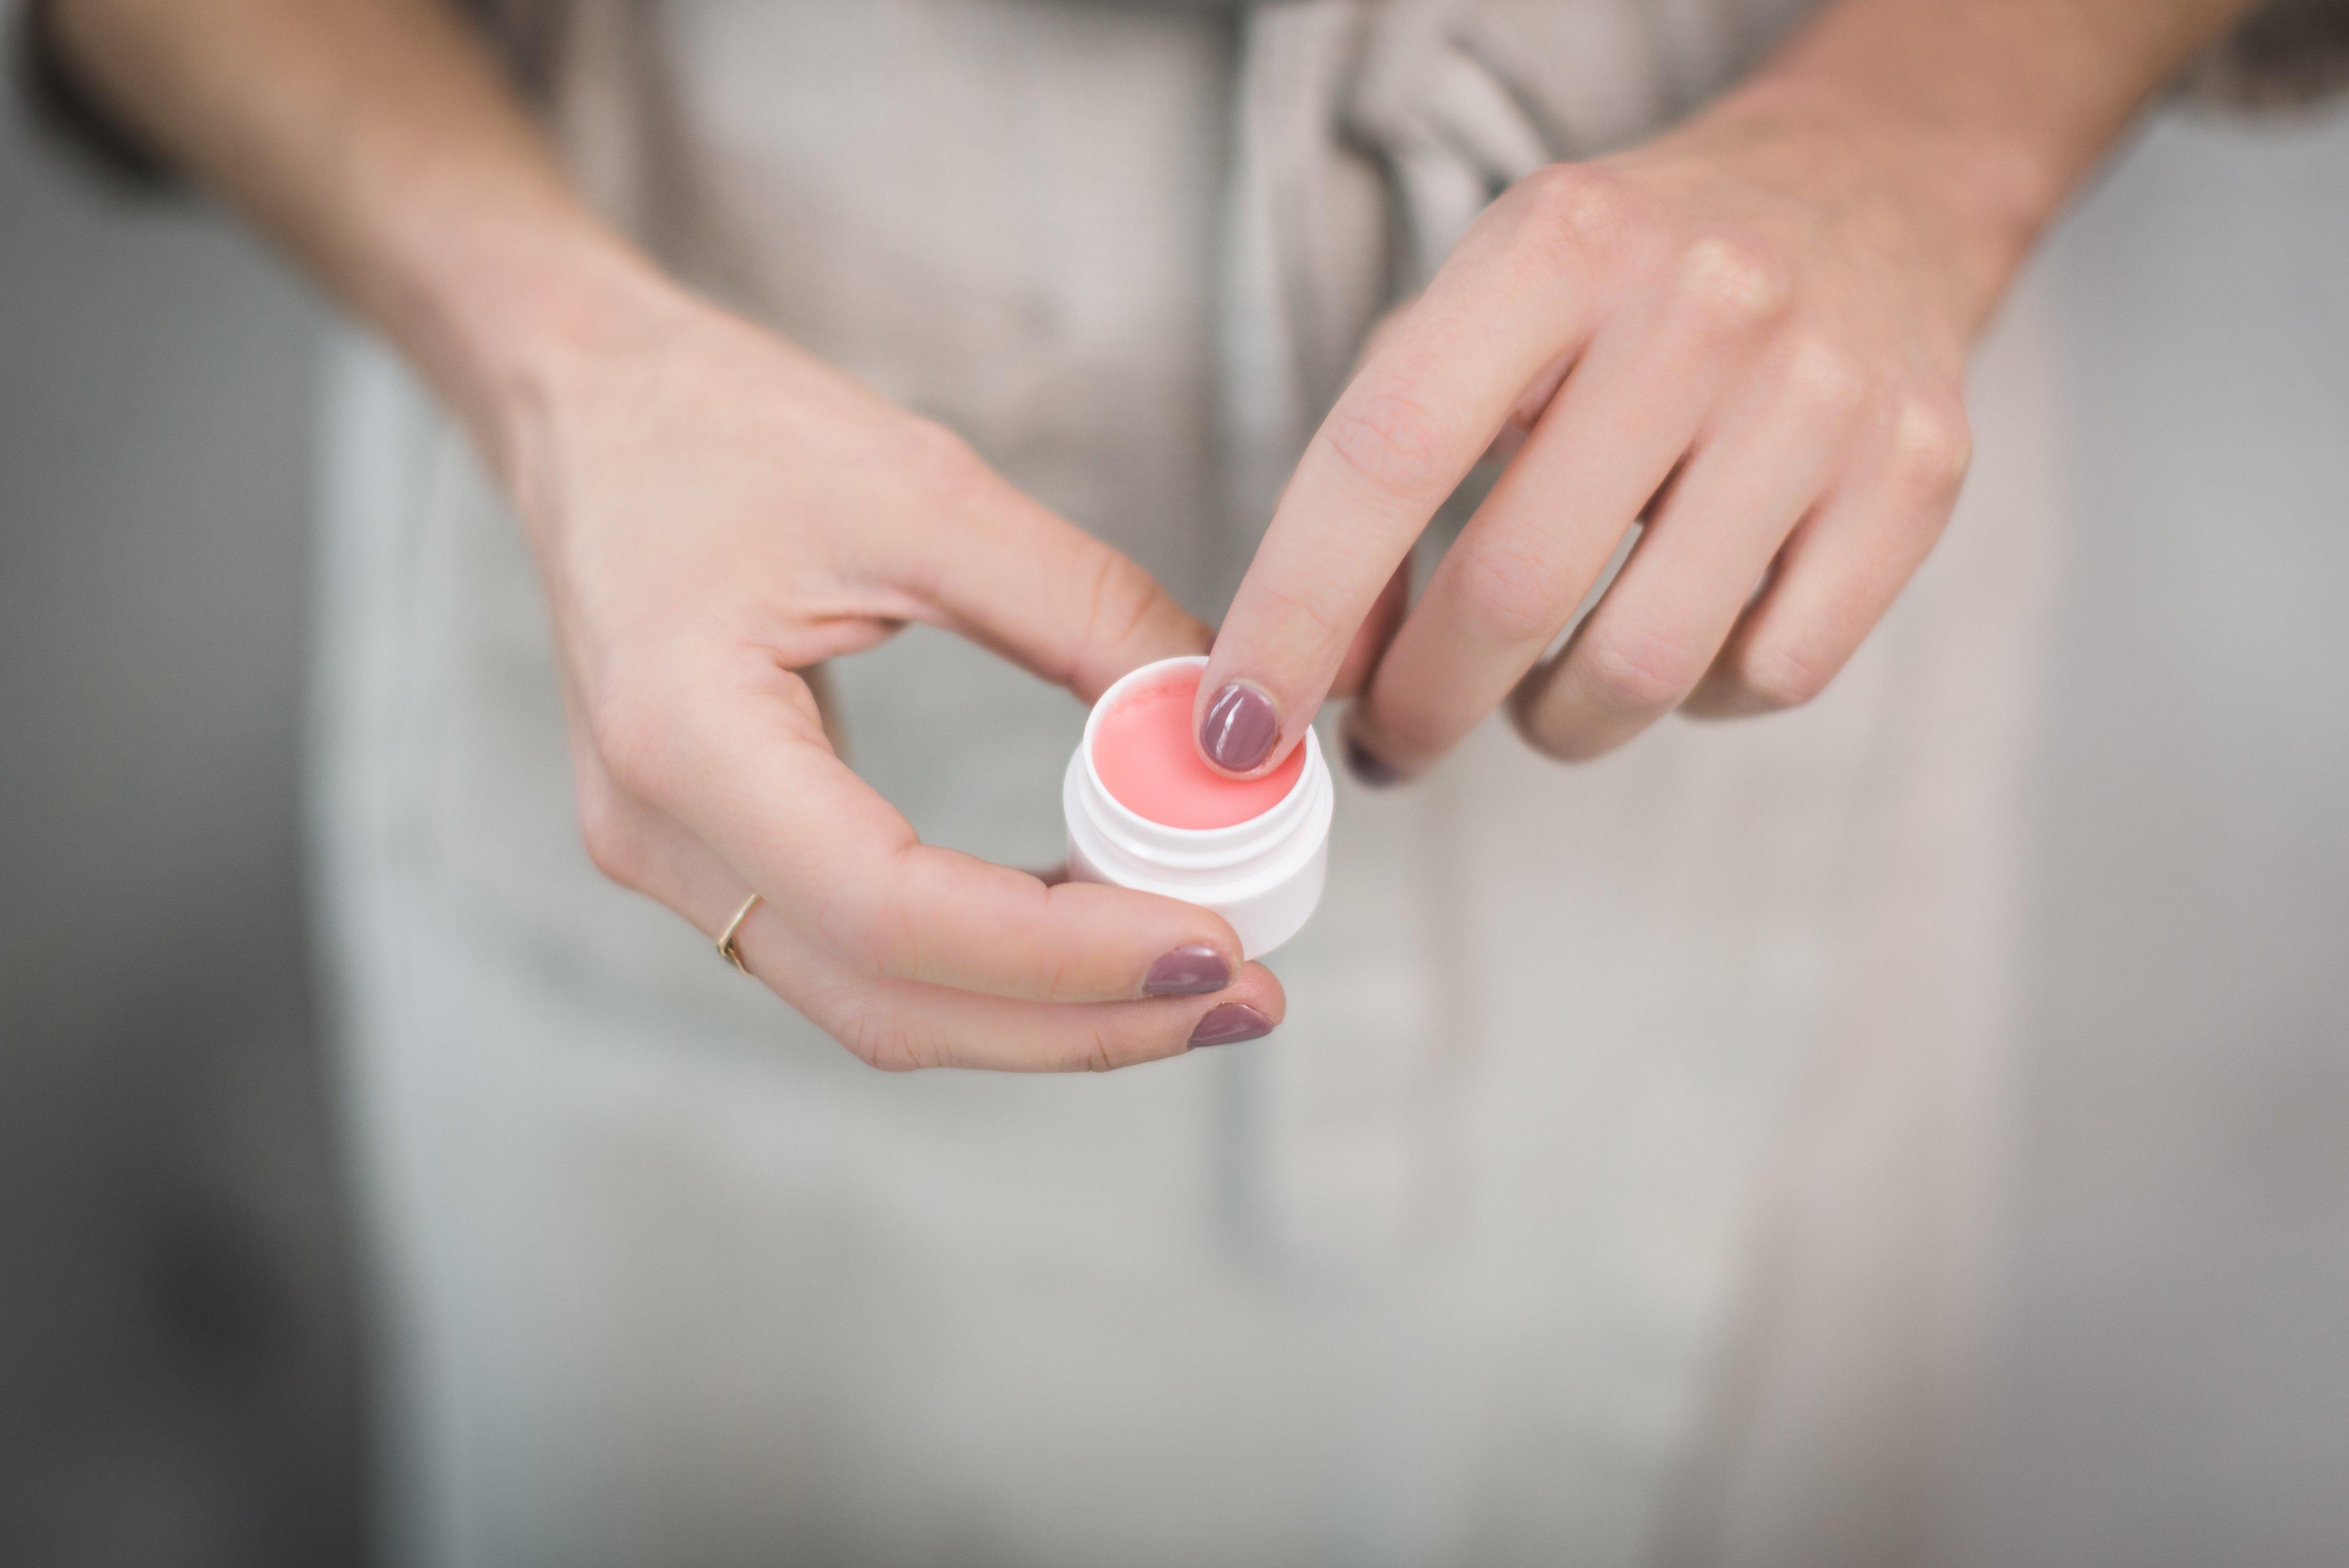 baume a lèvres à faire soi même, baume à lèvre vegan, baume à lèvre cruelty free, baume à lèvres recettes, baume à lèvres efficace